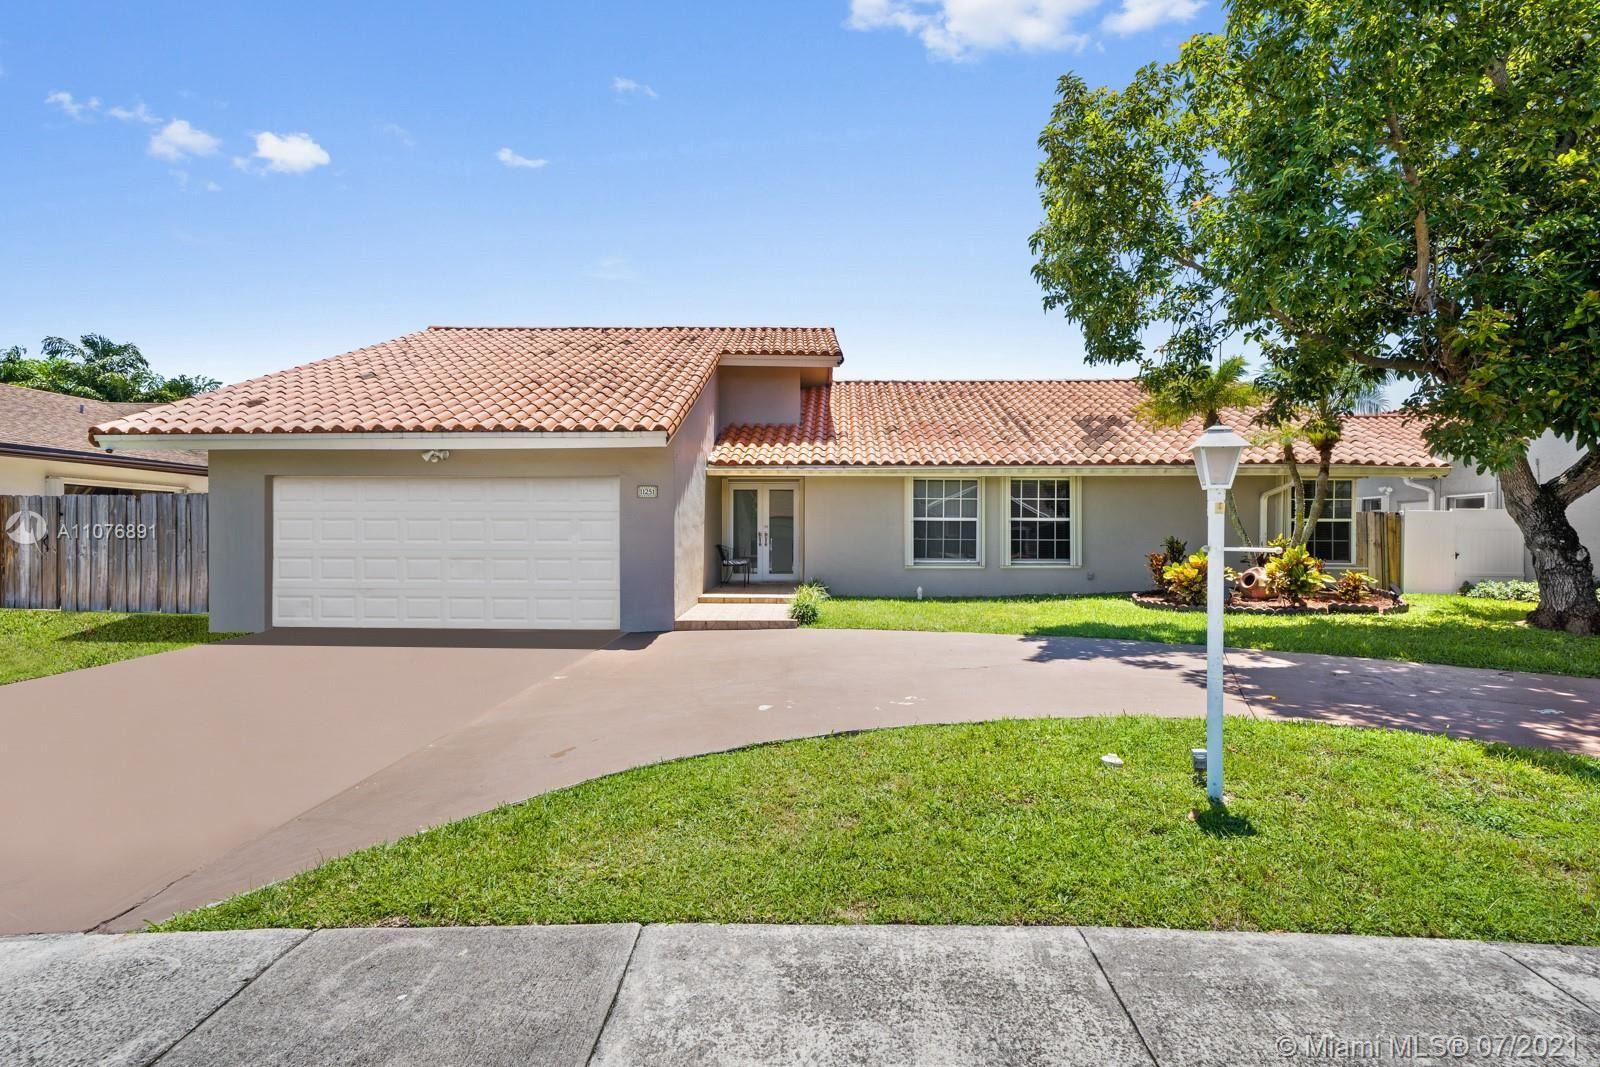 11251 SW 129th Ct, Miami, FL 33186 - #: A11076891